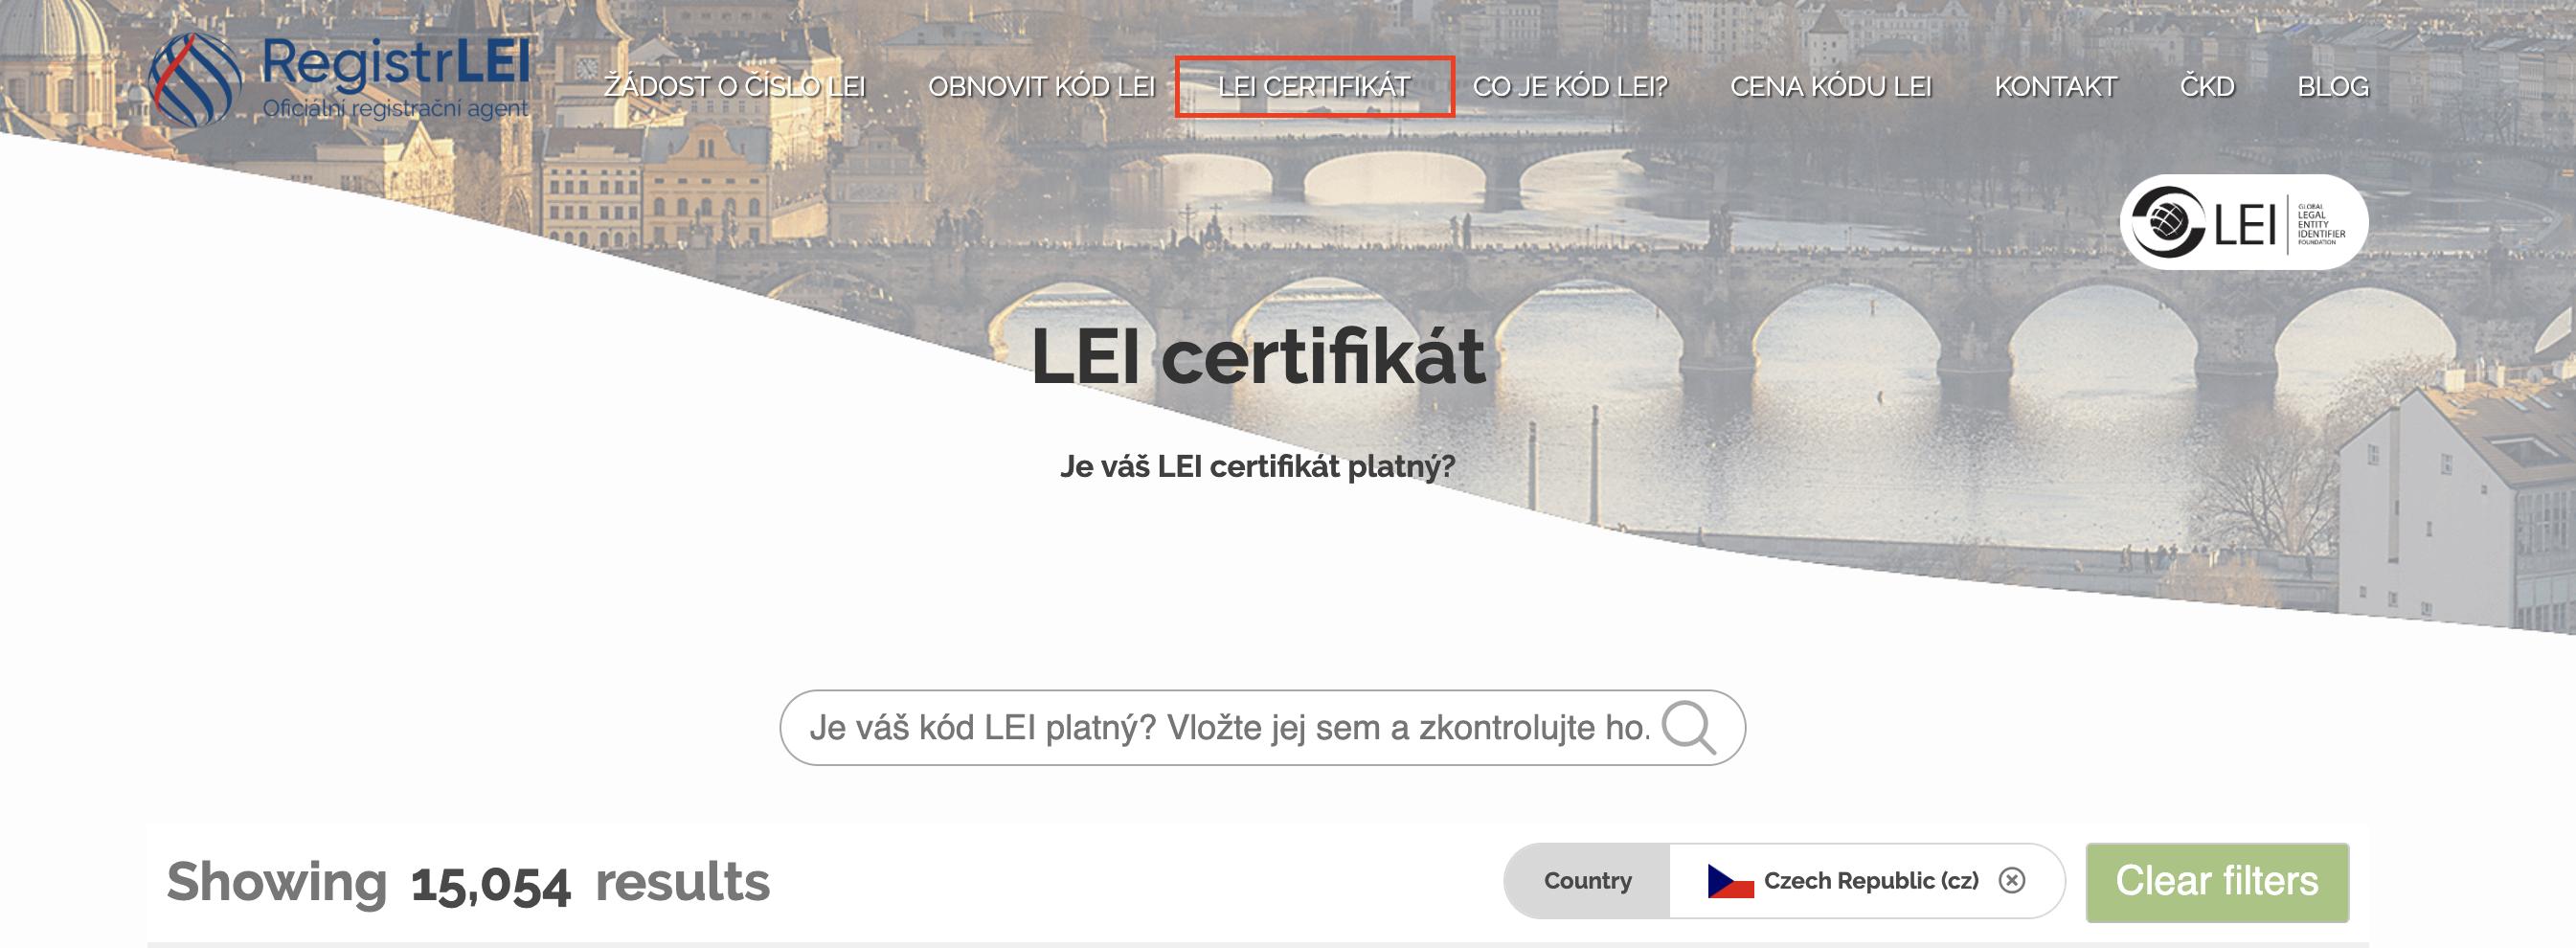 LEI vyhledávací stránka: